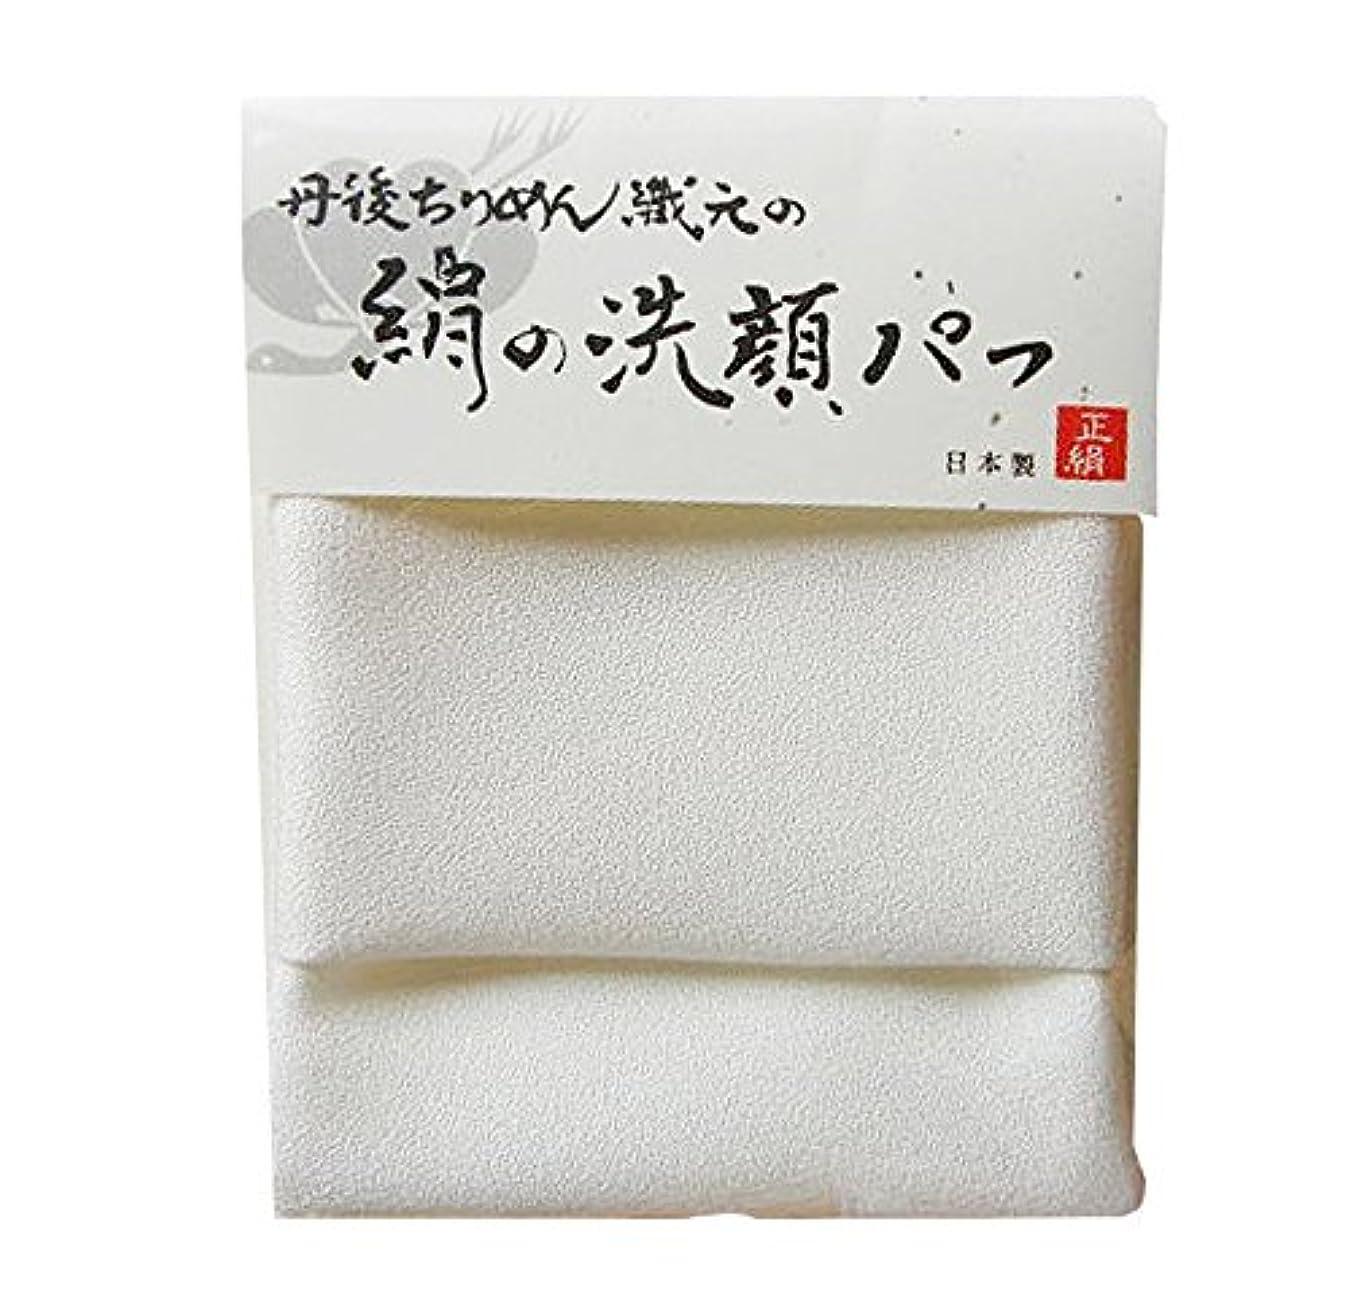 刑務所メタルライン商標【NHKイッピンで紹介!】丹後ちりめん織元の絹の洗顔パフ